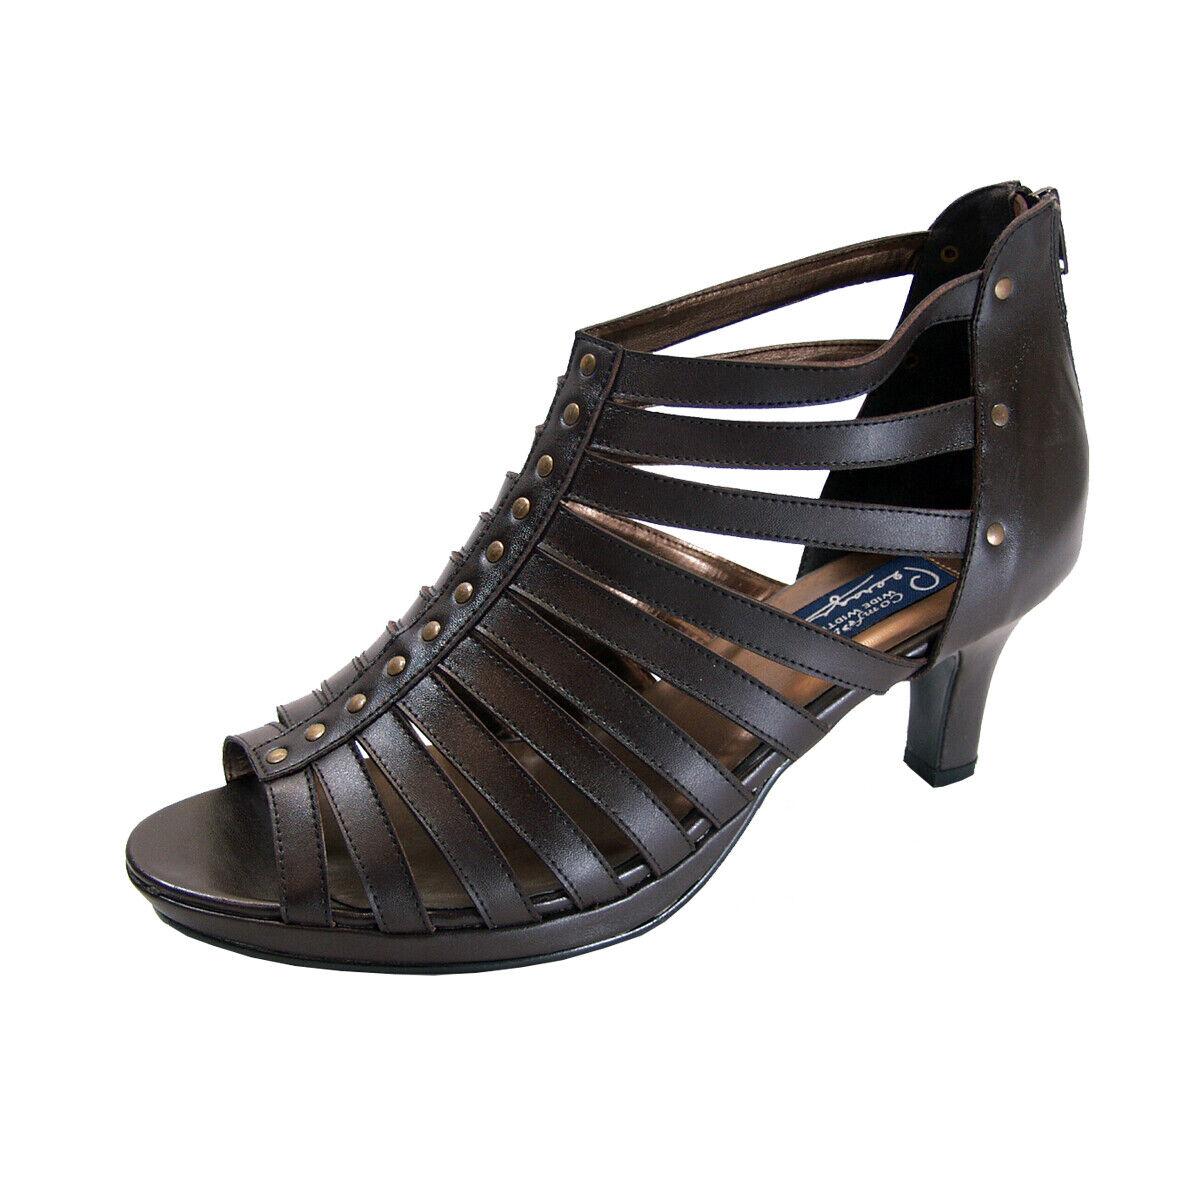 Peerage Gloria Women Wide Width Leather Wedge Nice Pump